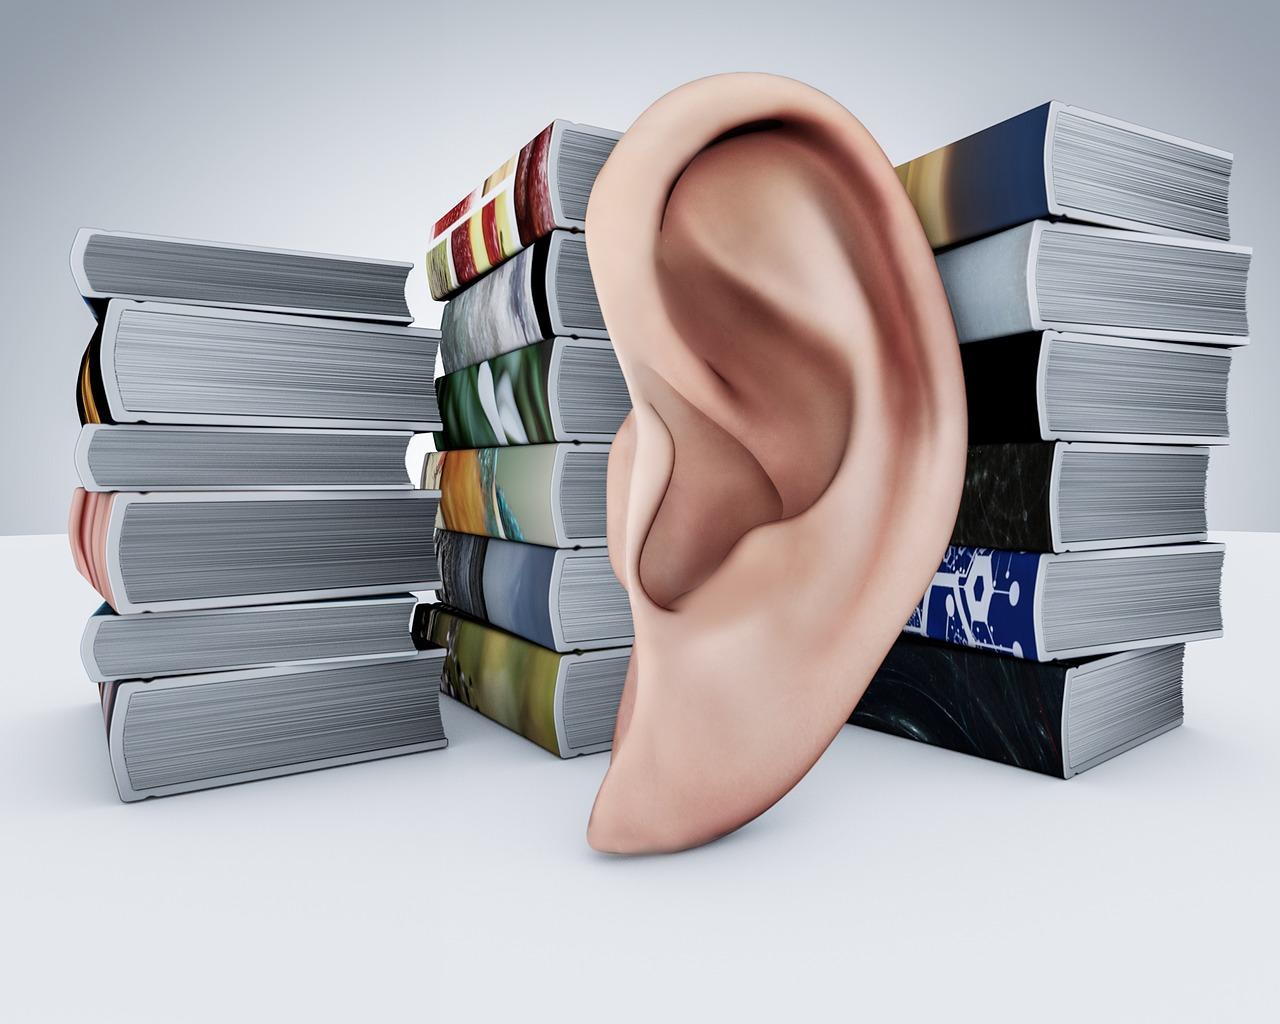 Audio Book Image